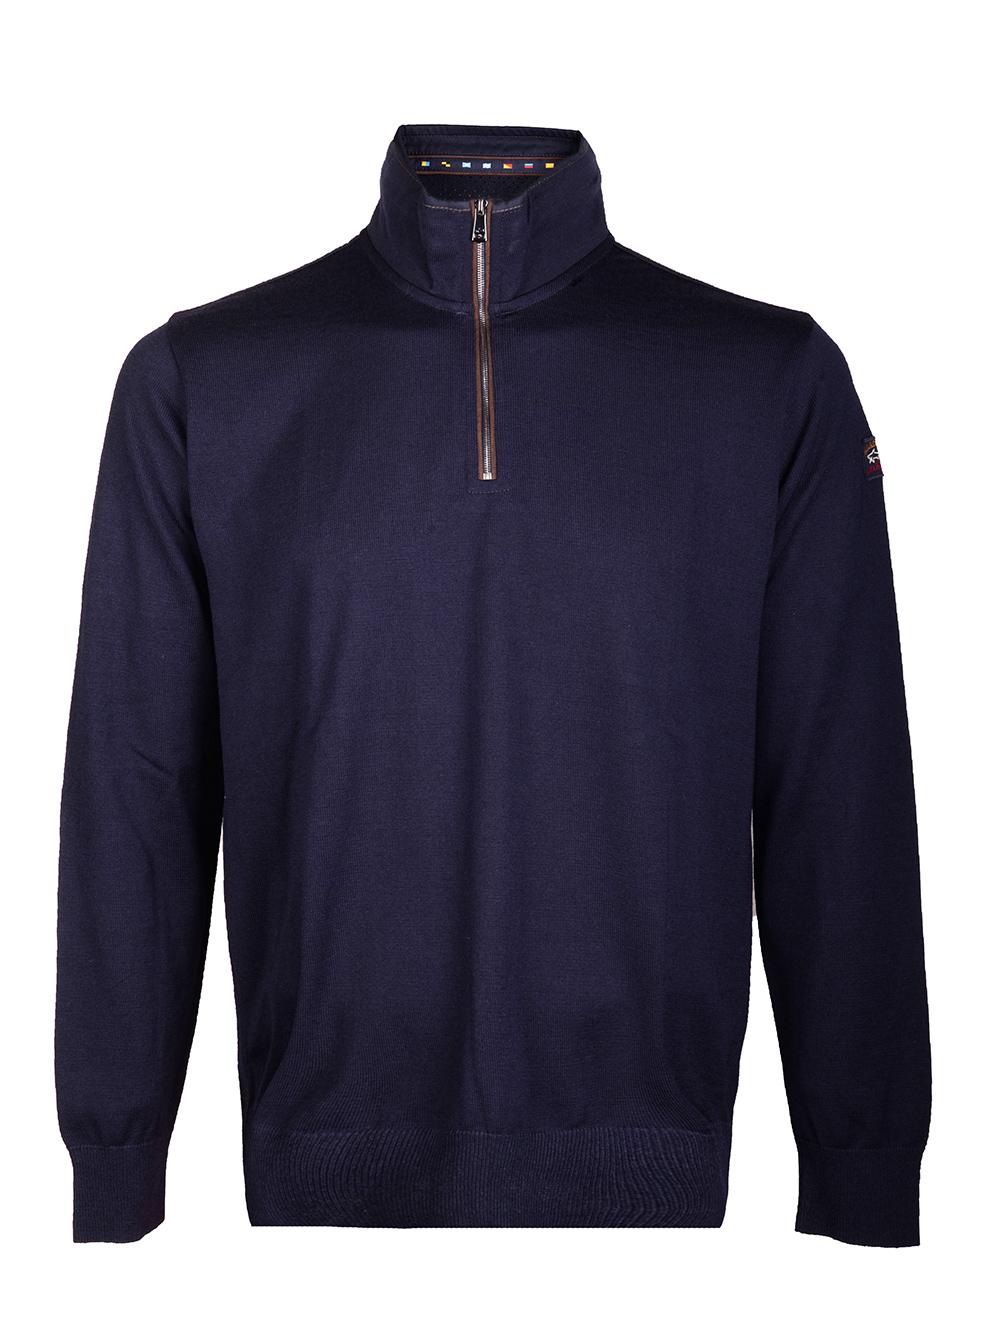 PAUL & SHARK Μπλούζα zip-neck I20P1108-050 ΜΠΛΕ